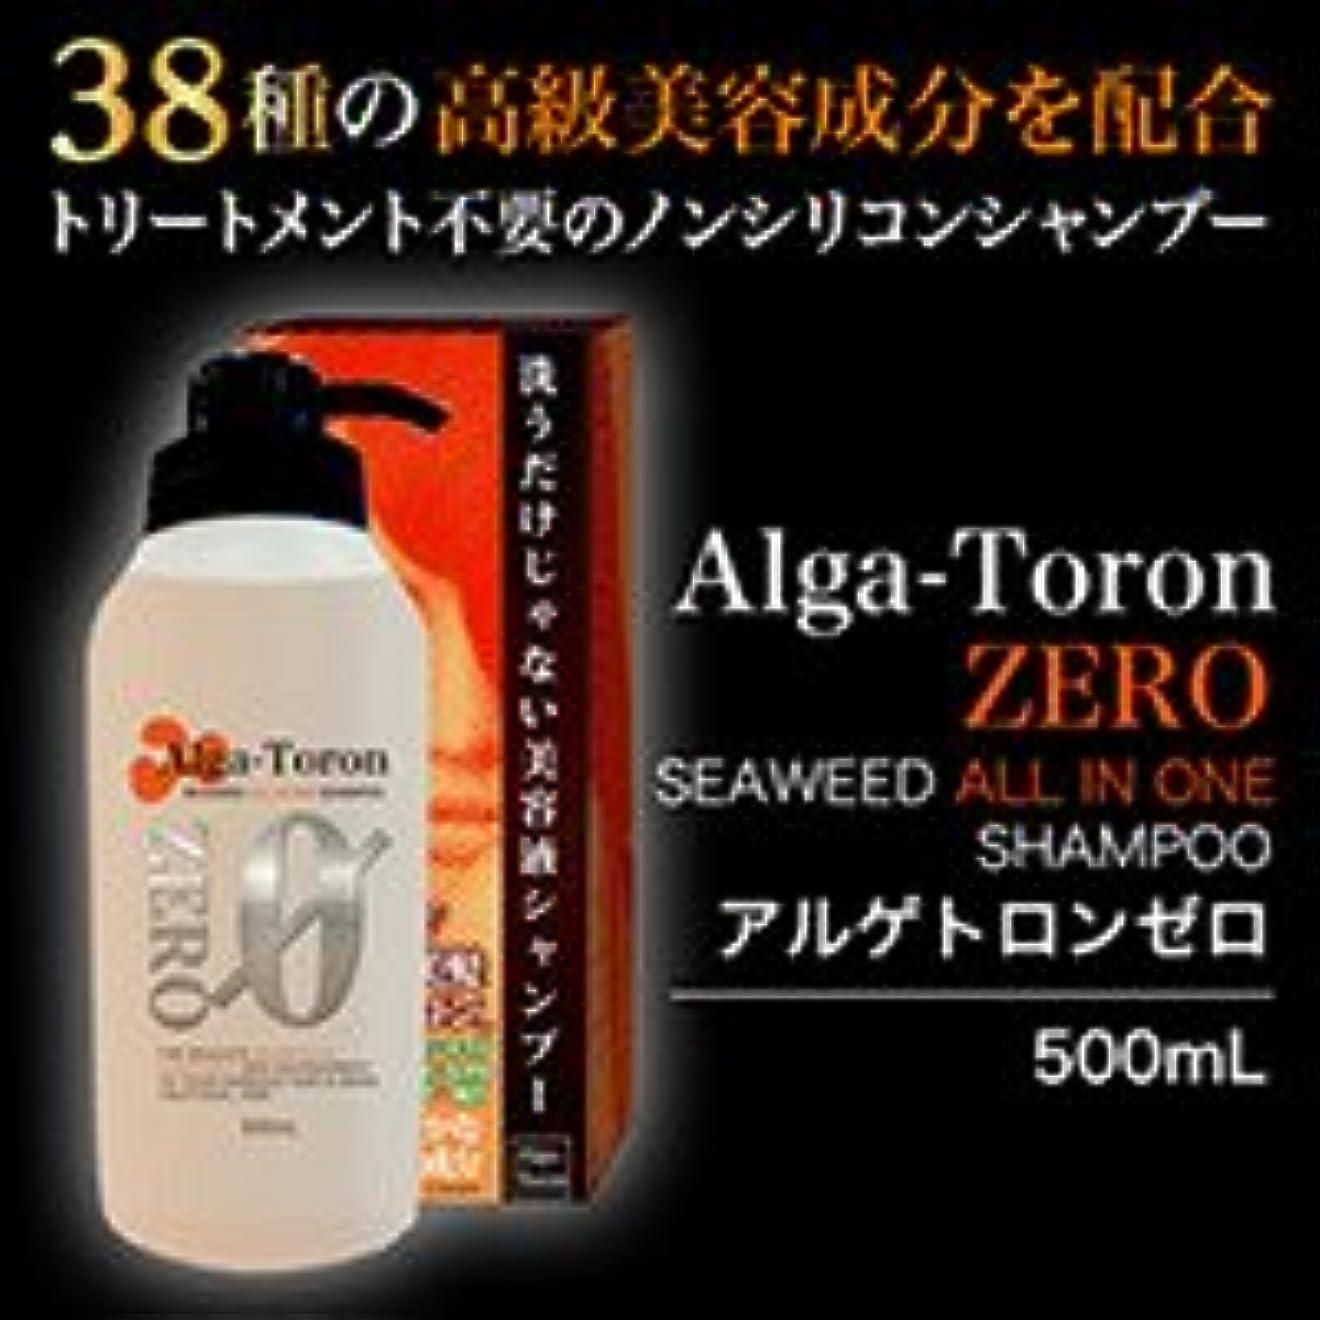 快いトリップナチュラル【ケンネット】アルゲトロンゼロシャンプー 500ml ×3個セット